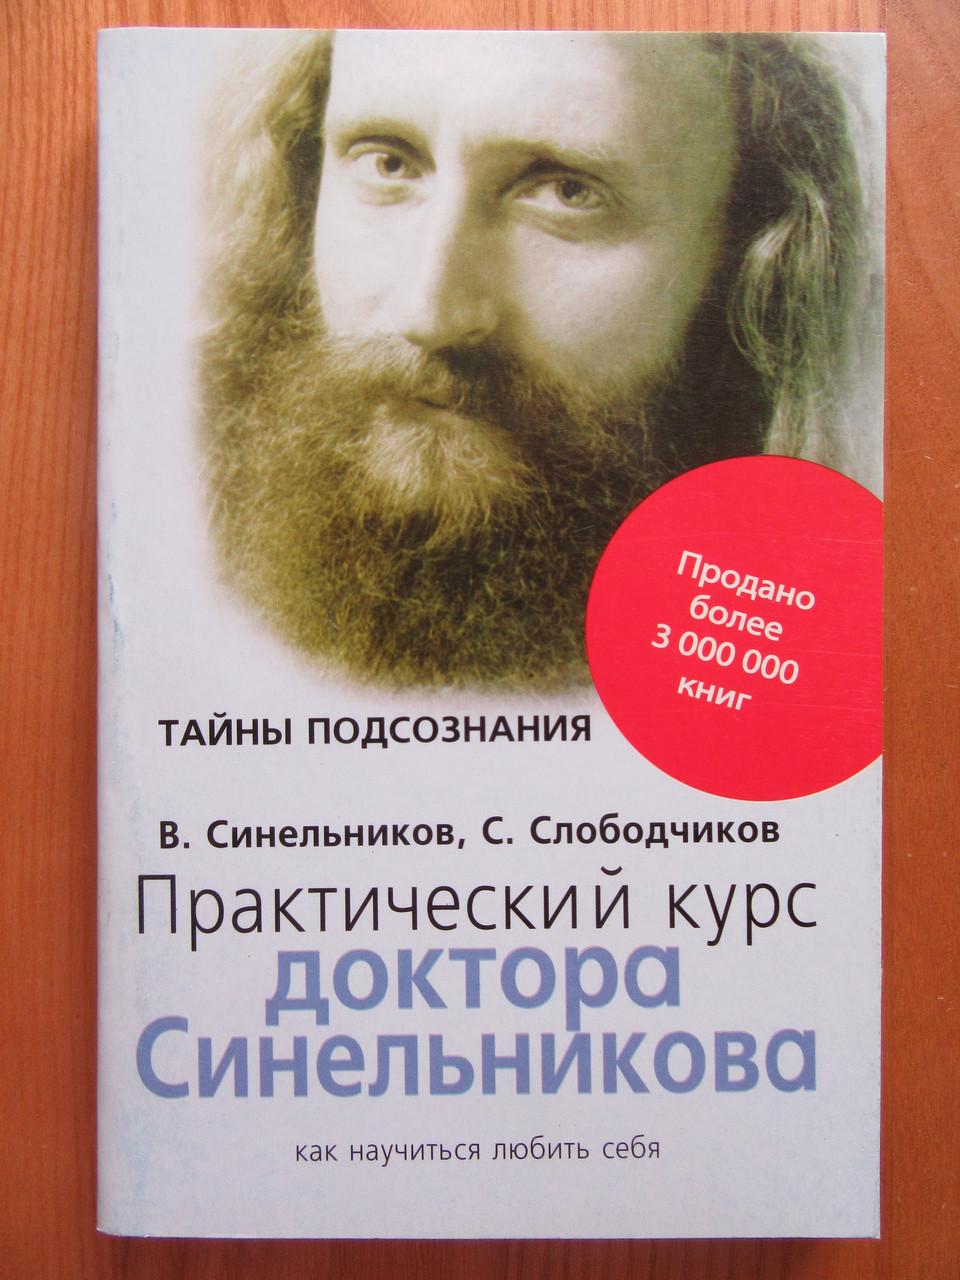 Валерий Синельников. Практический курс доктора Синельникова. Как научиться любить себя